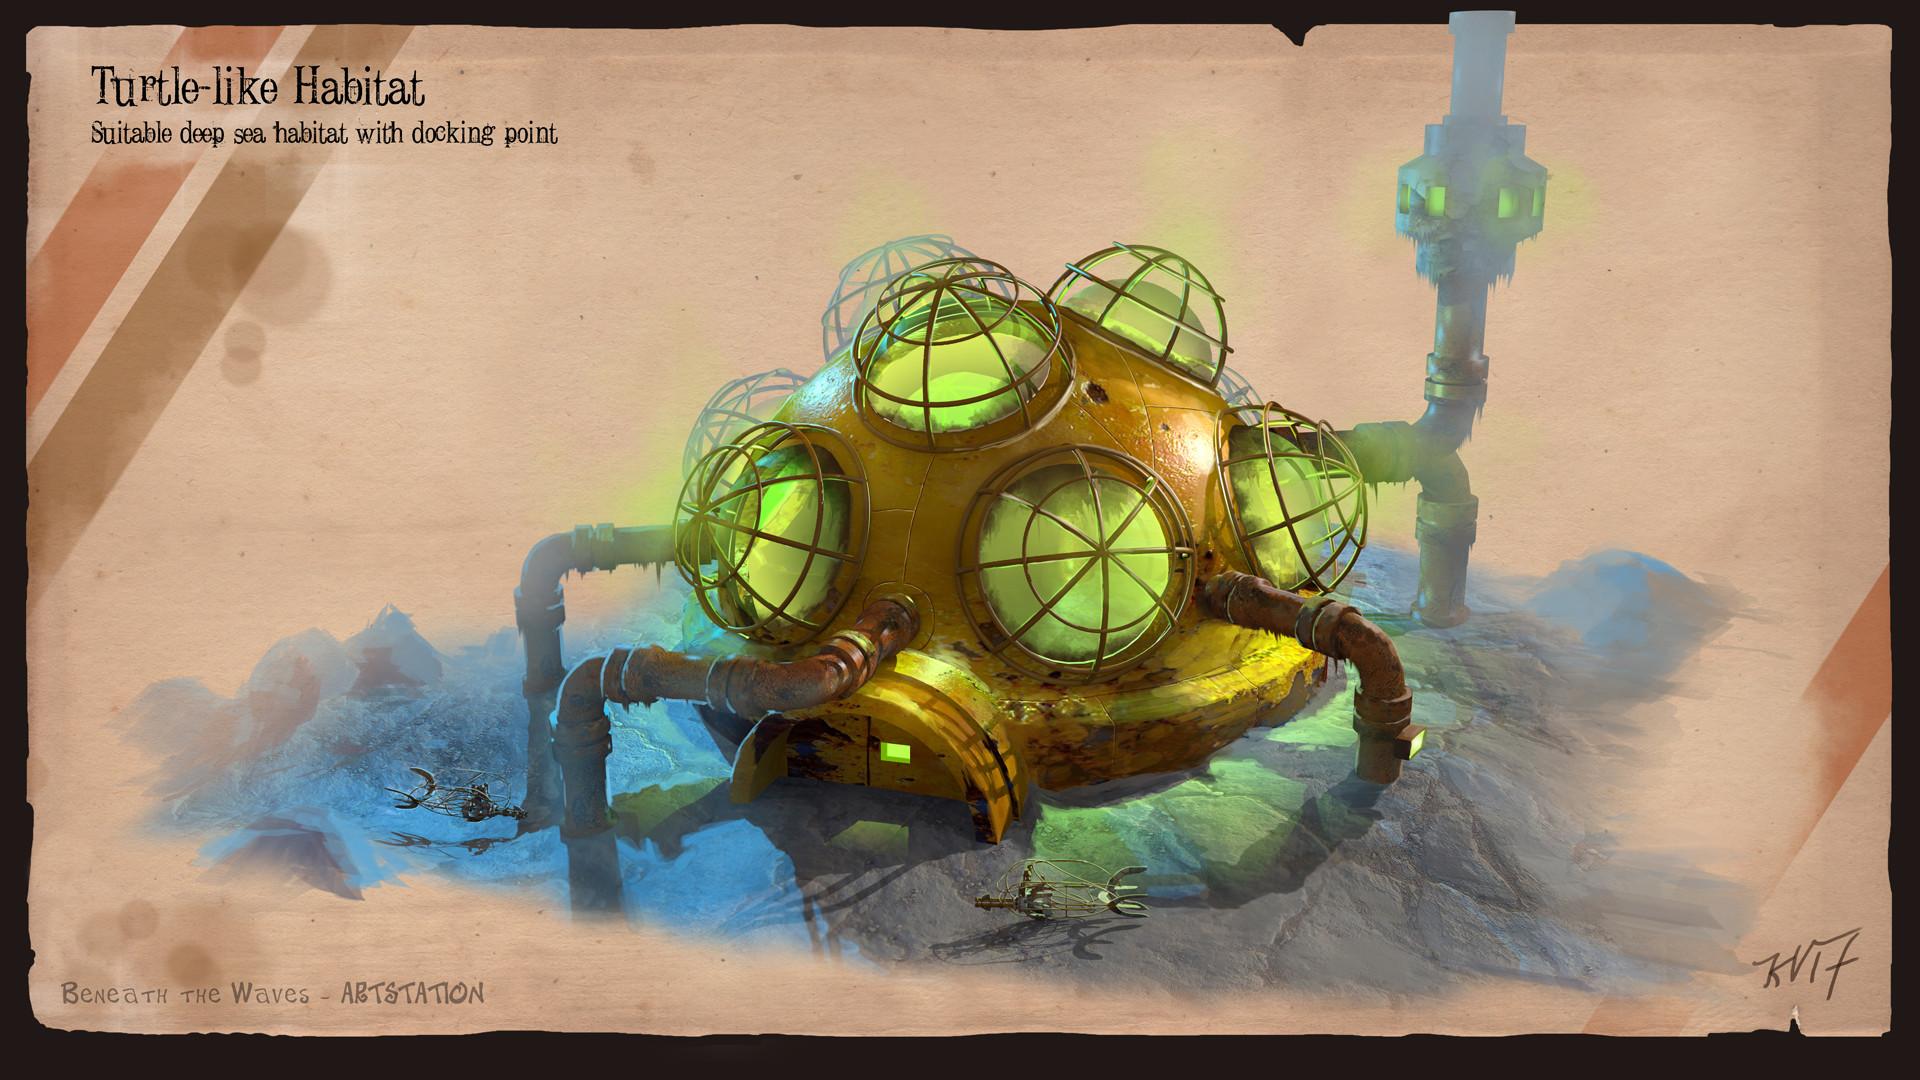 Konstantin vohwinkel turtle habitat 07